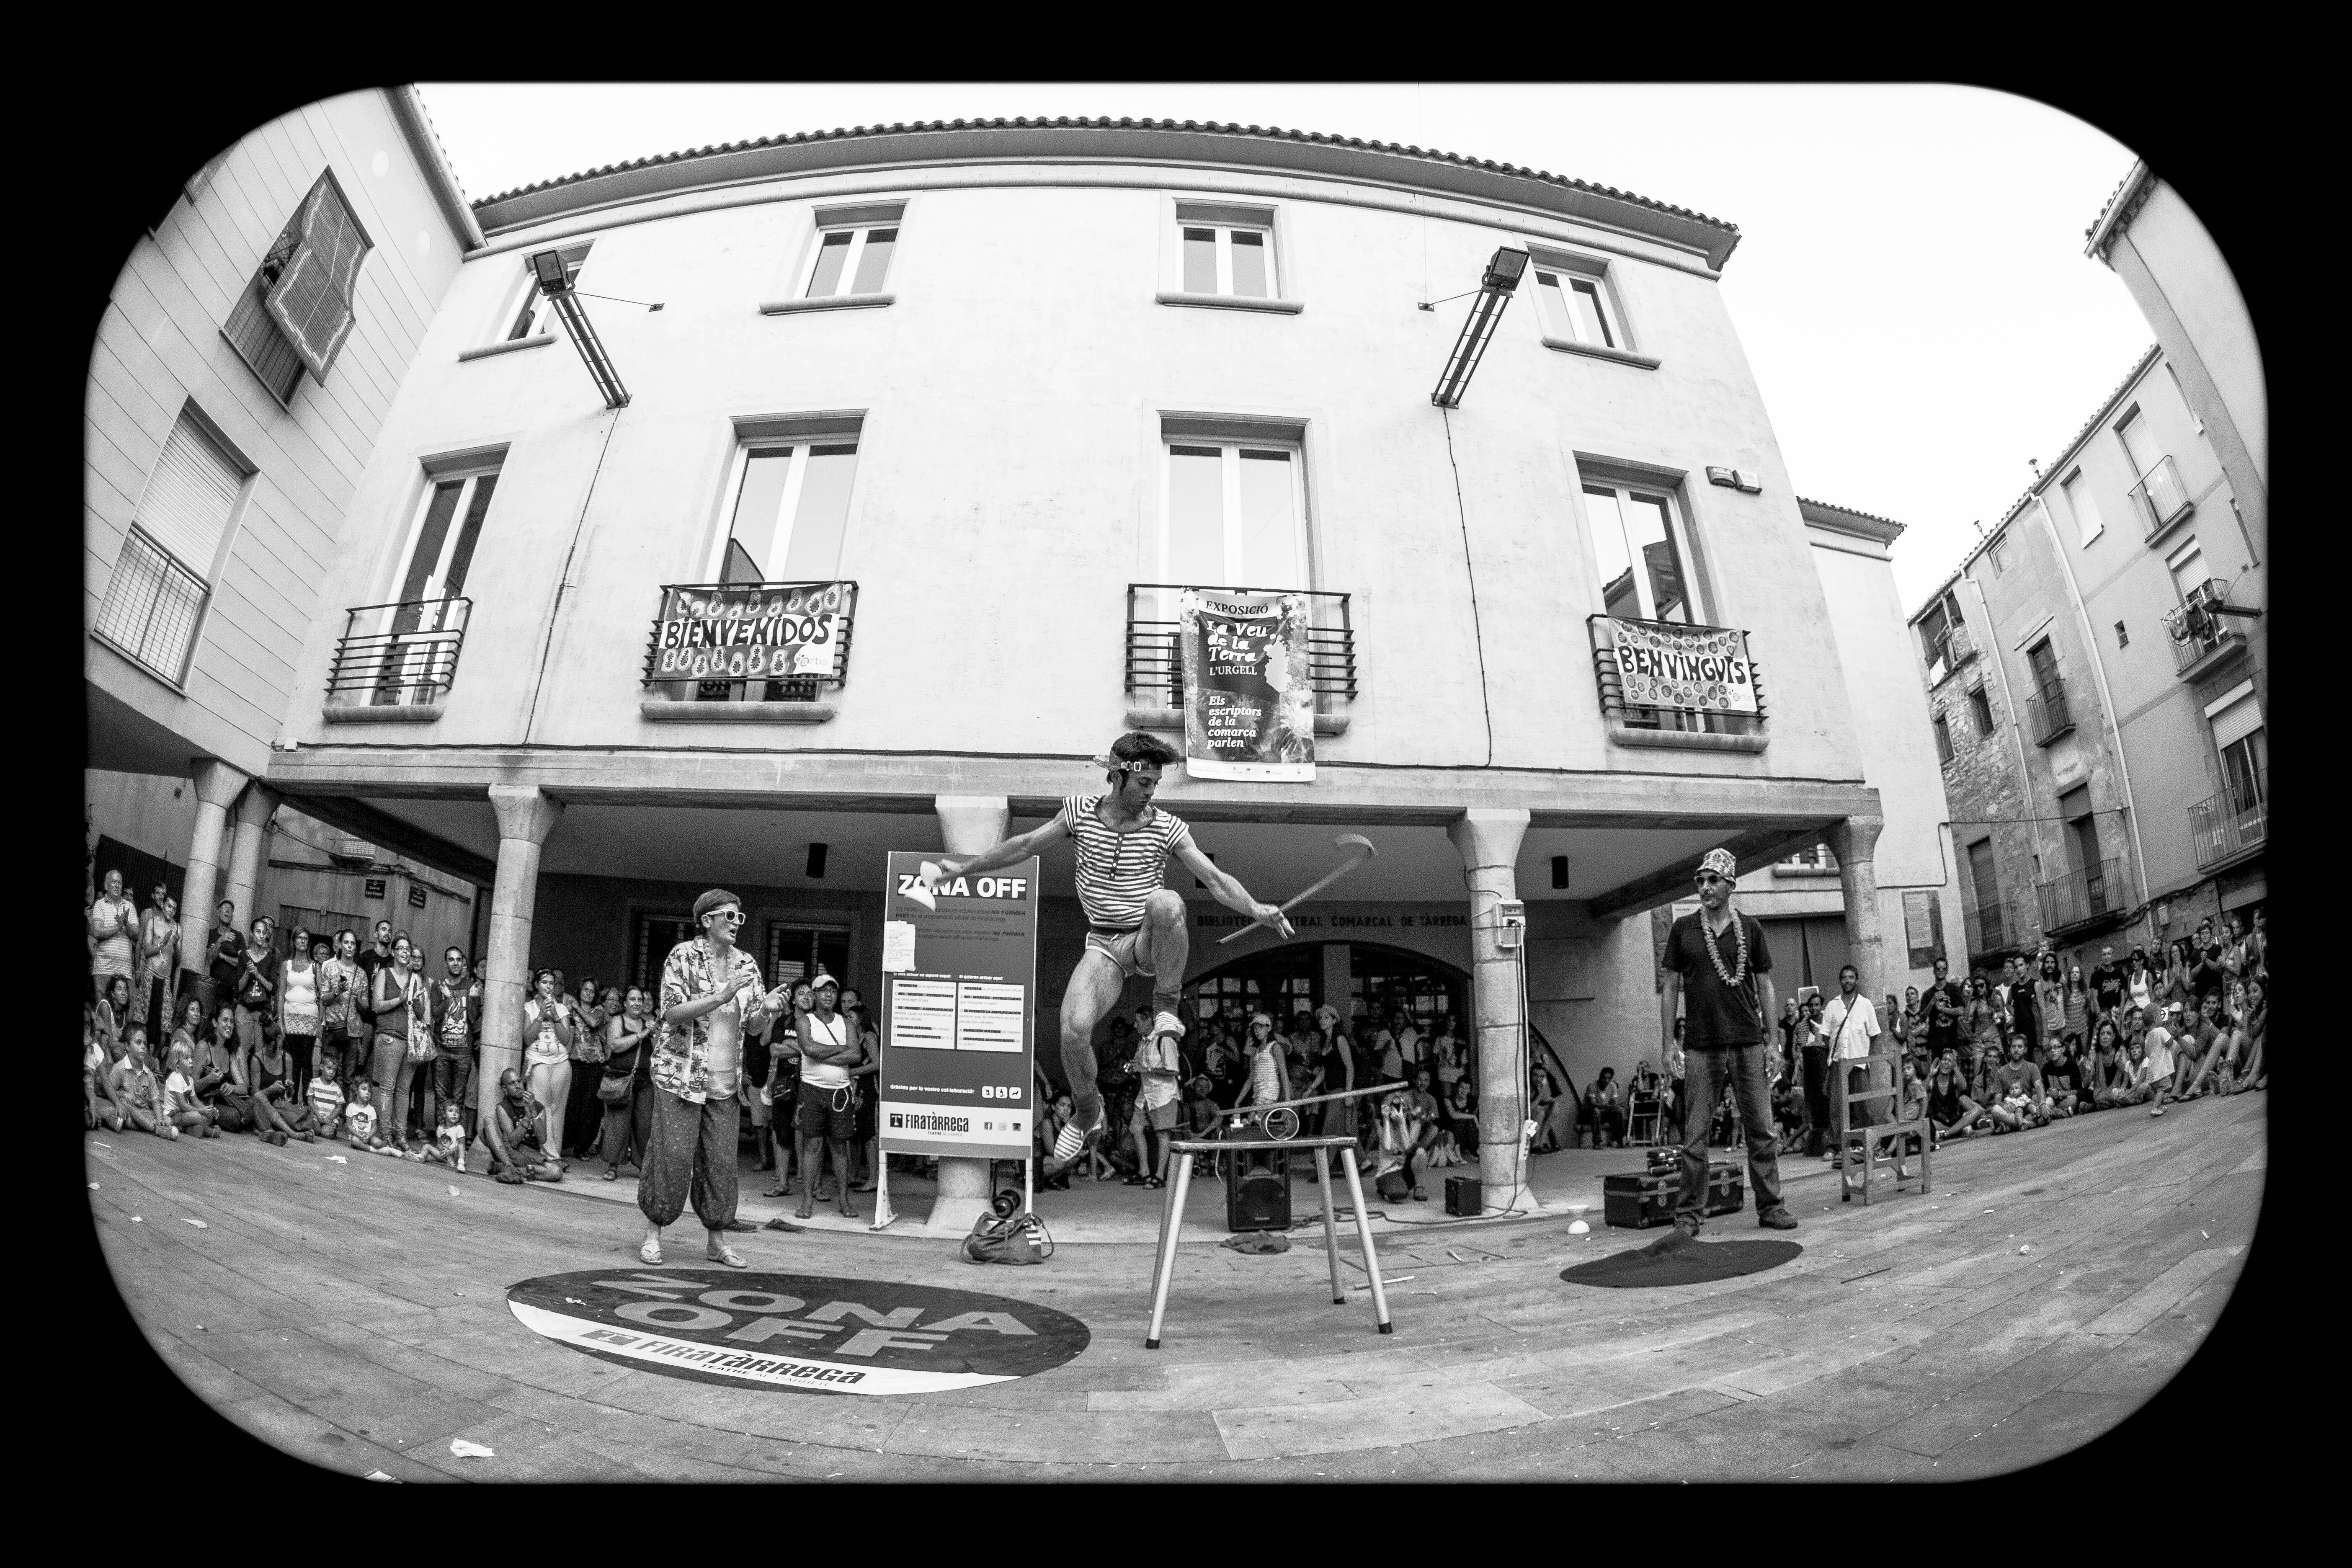 Street Show Tárrega